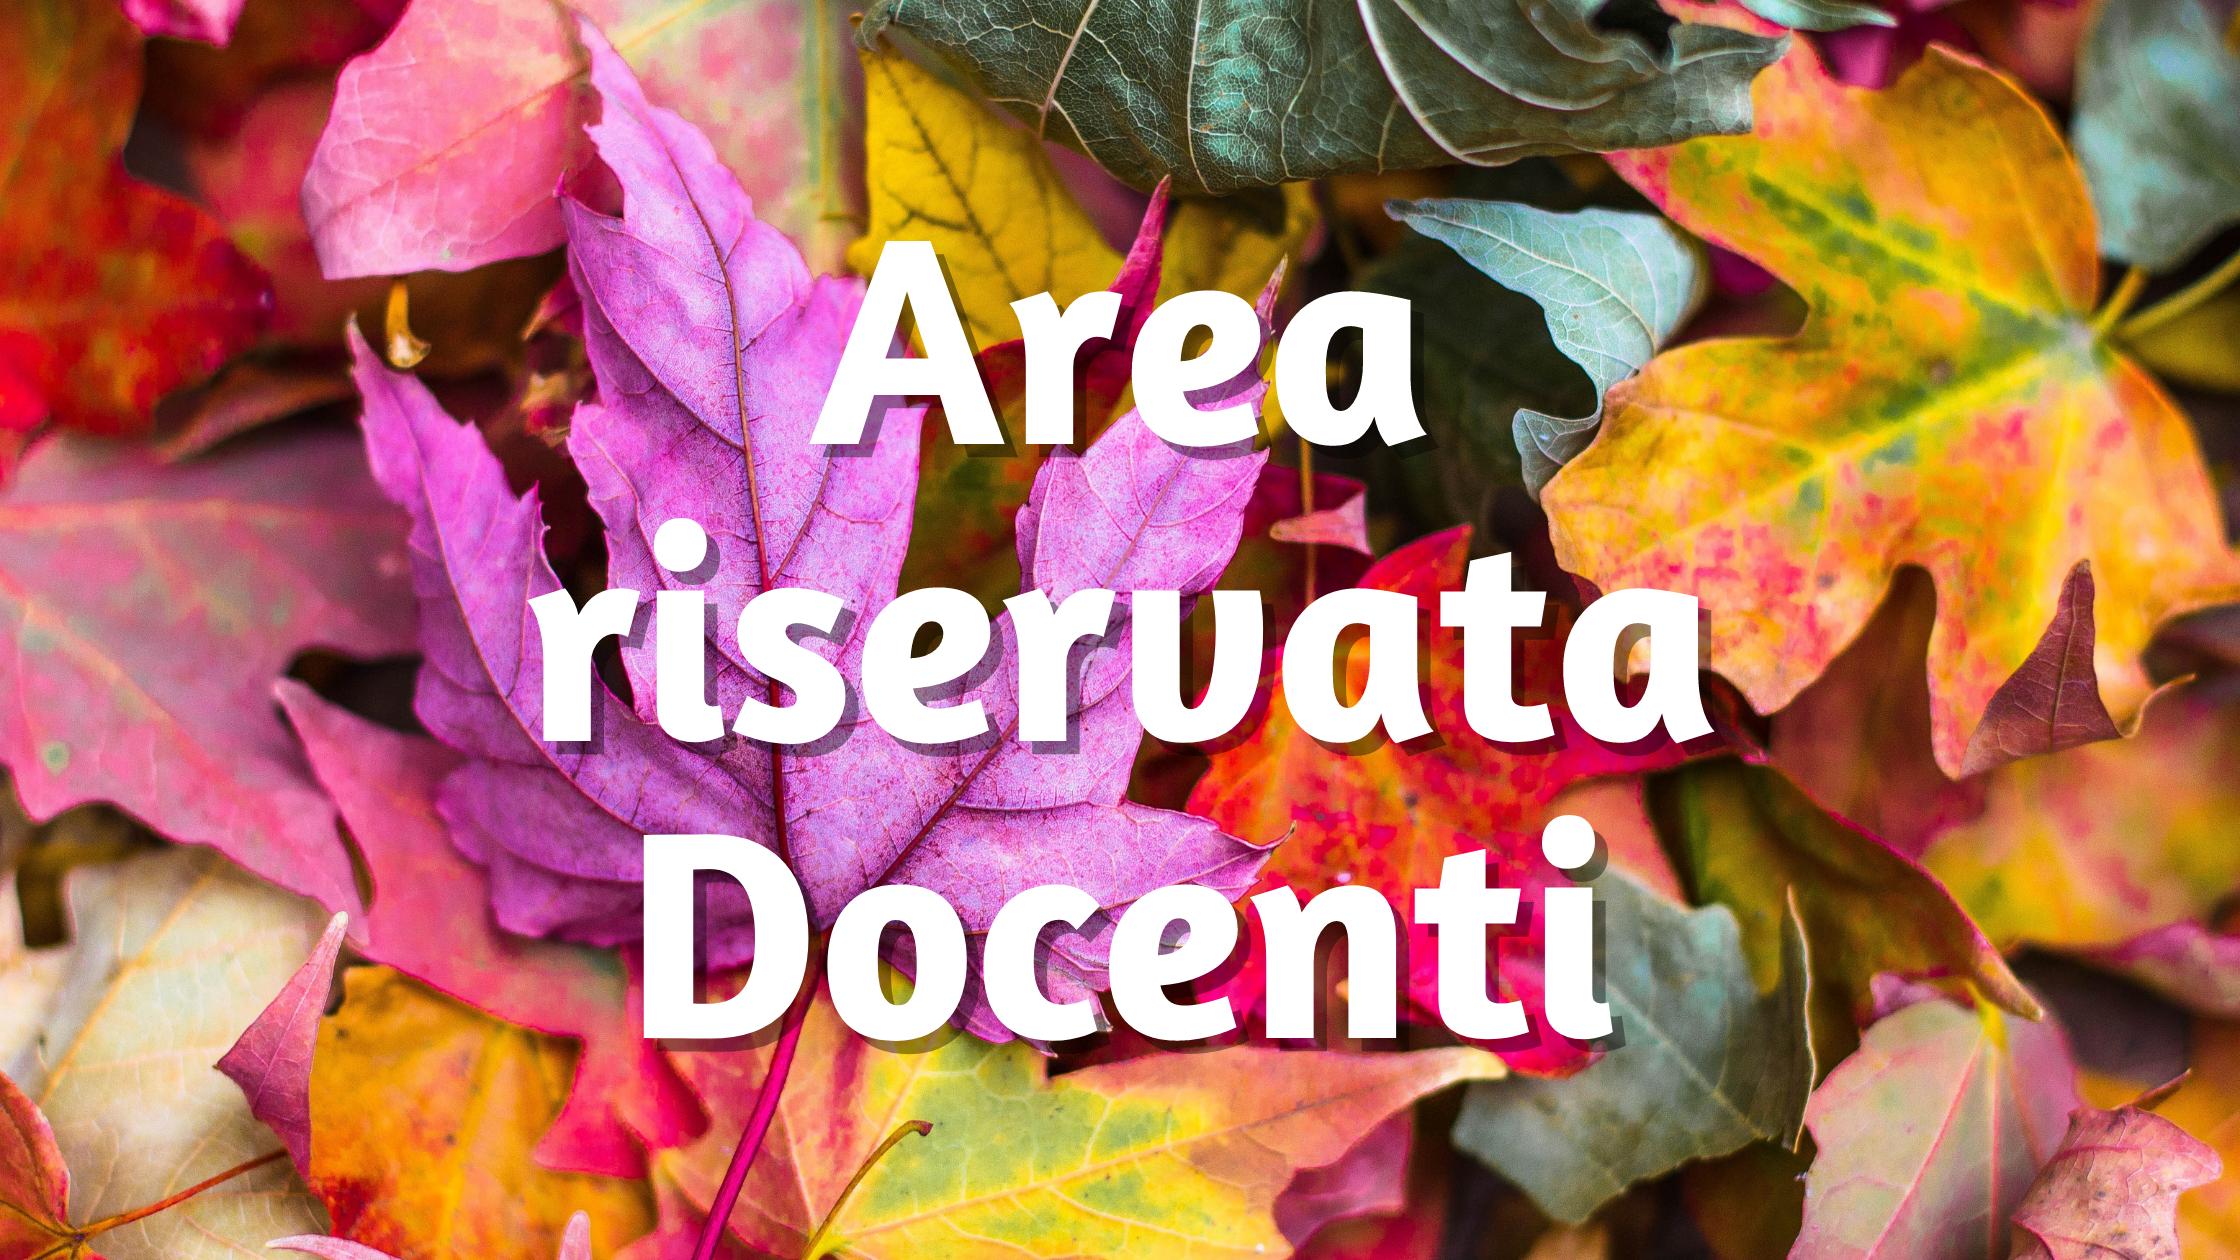 Area riservata Docenti